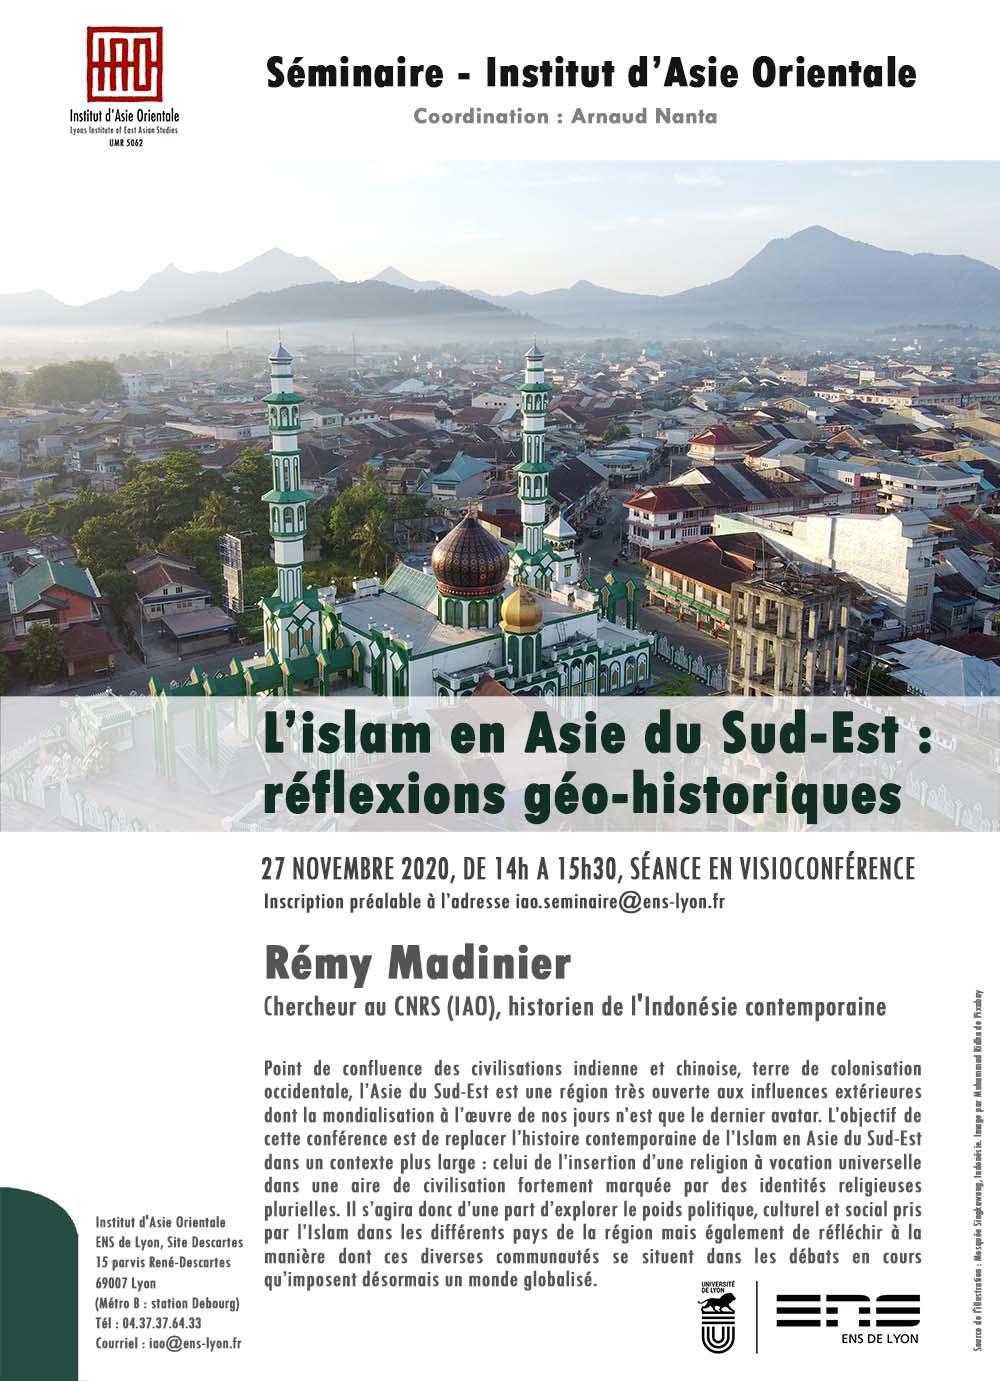 Séminaire de Rémy Madinier